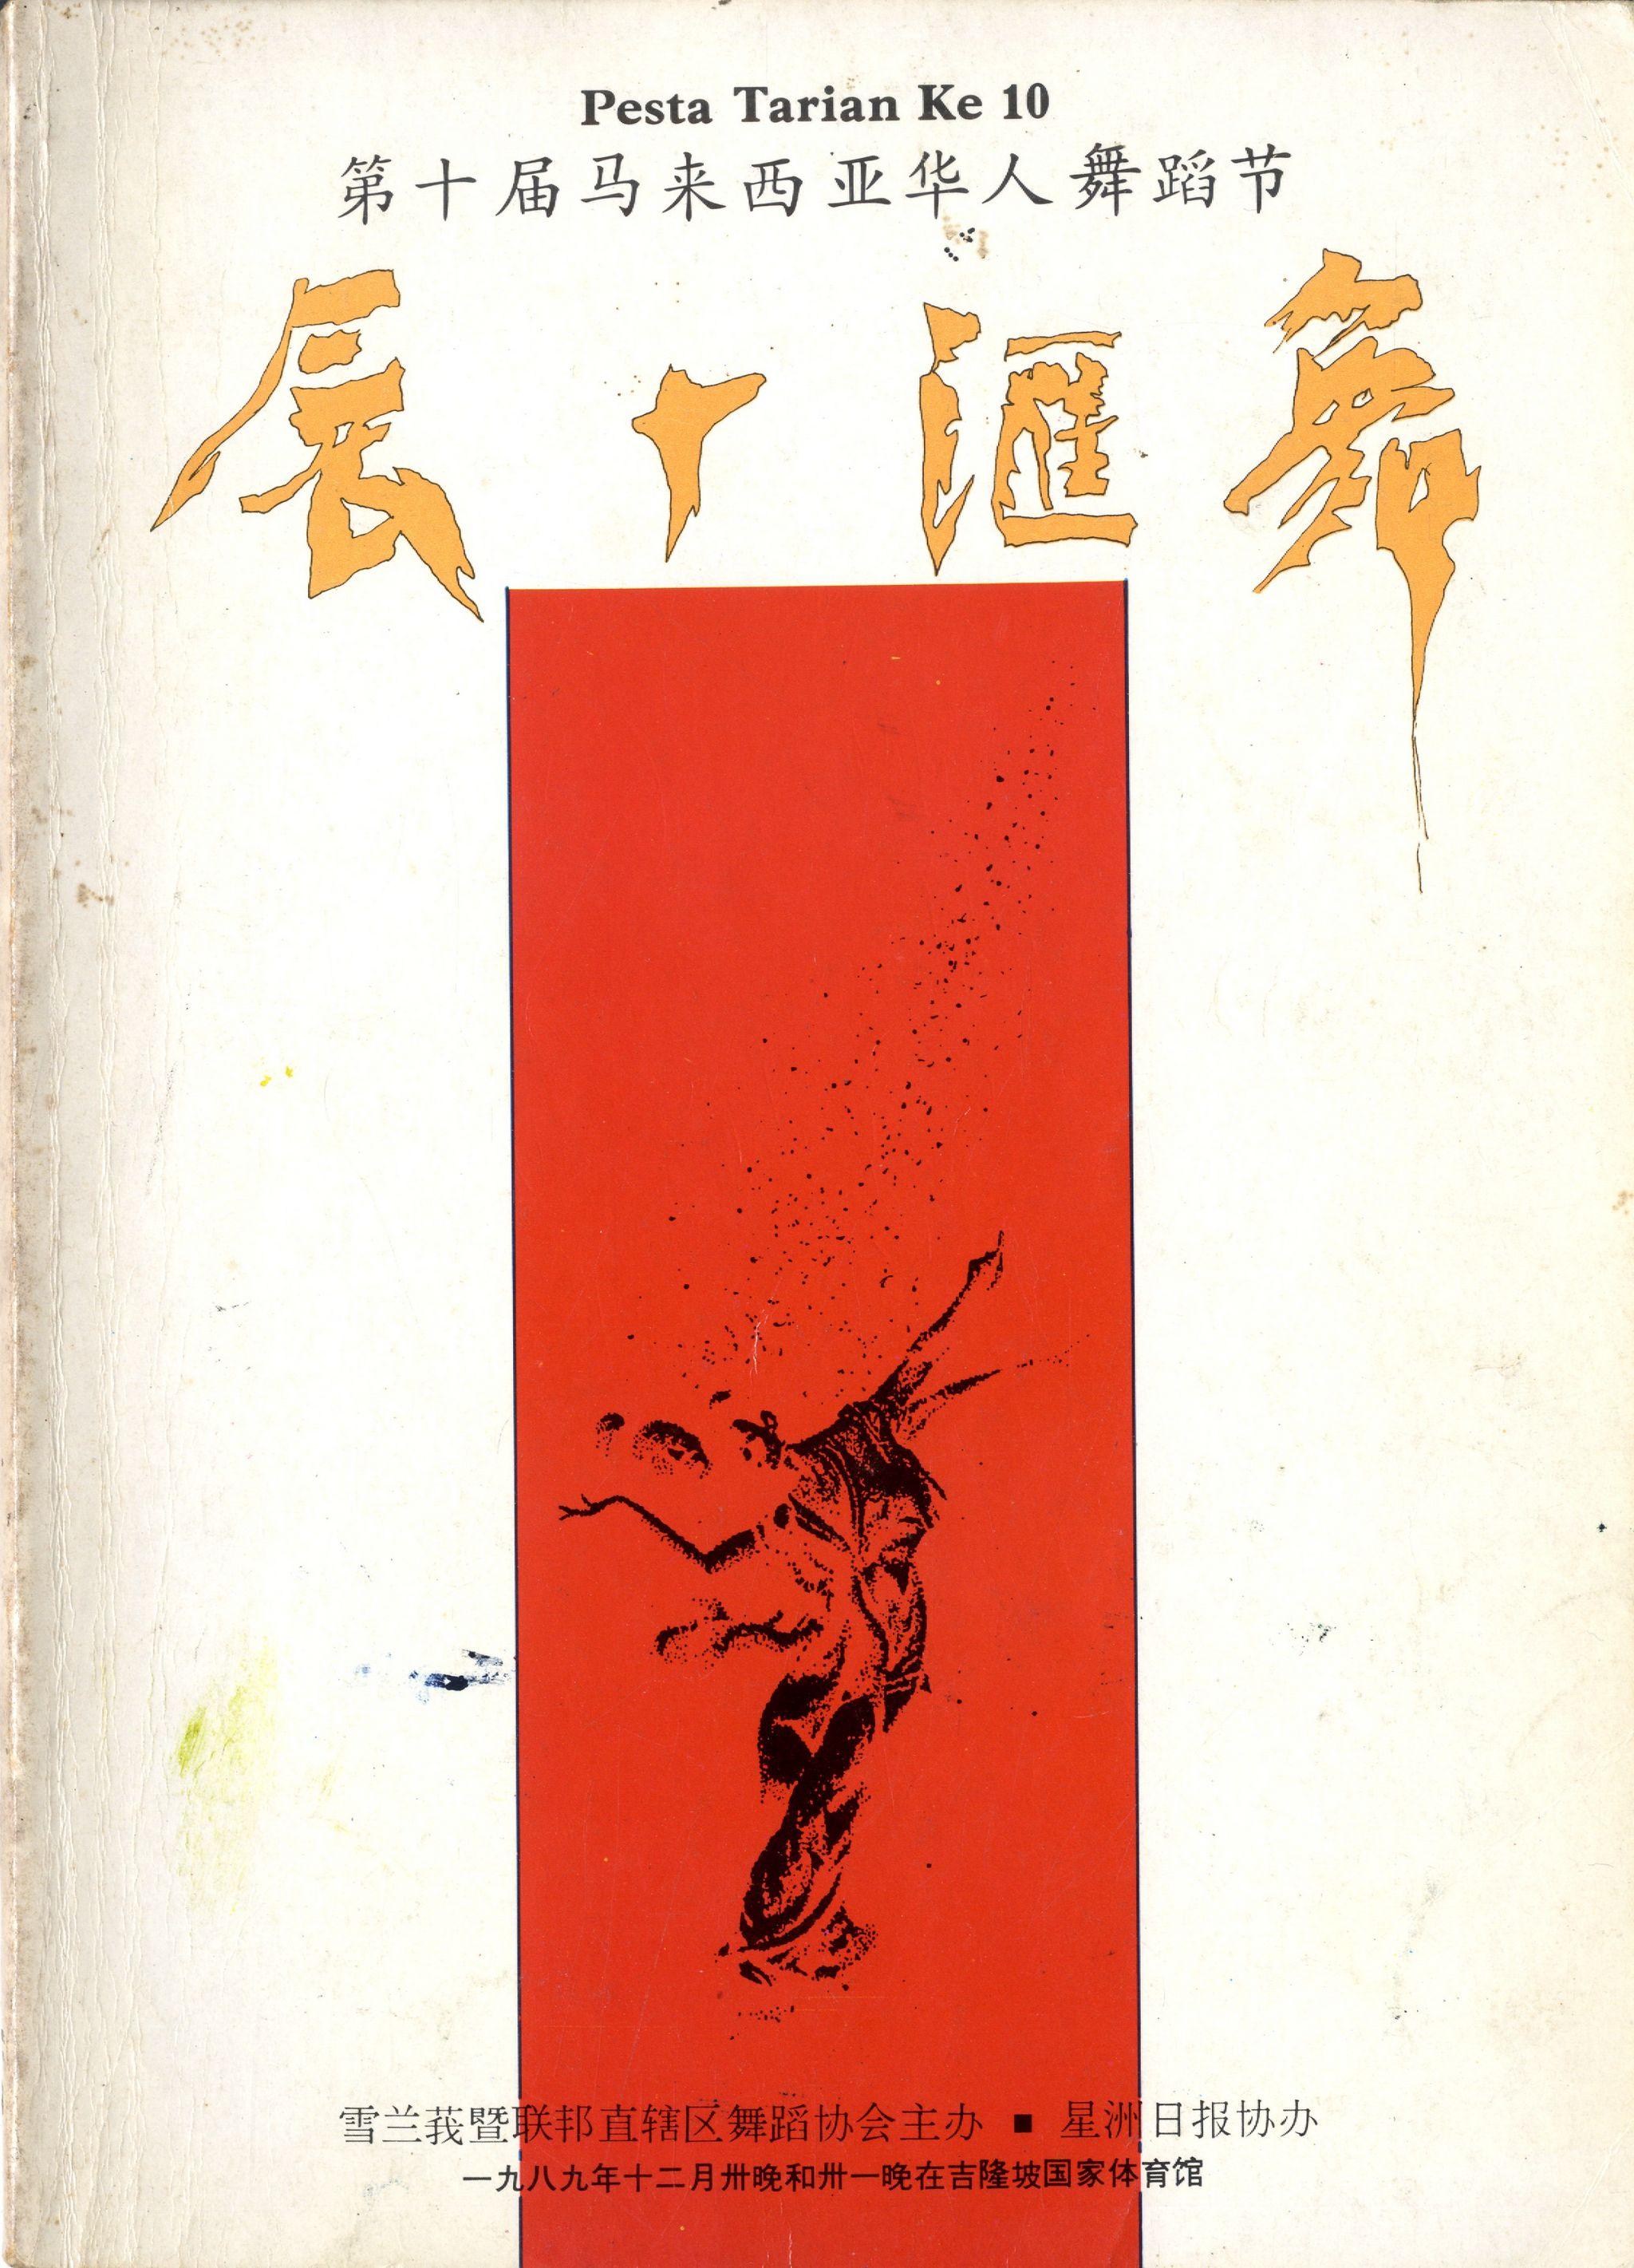 1989 Pesta Tarian Yang Ke 10 Cover